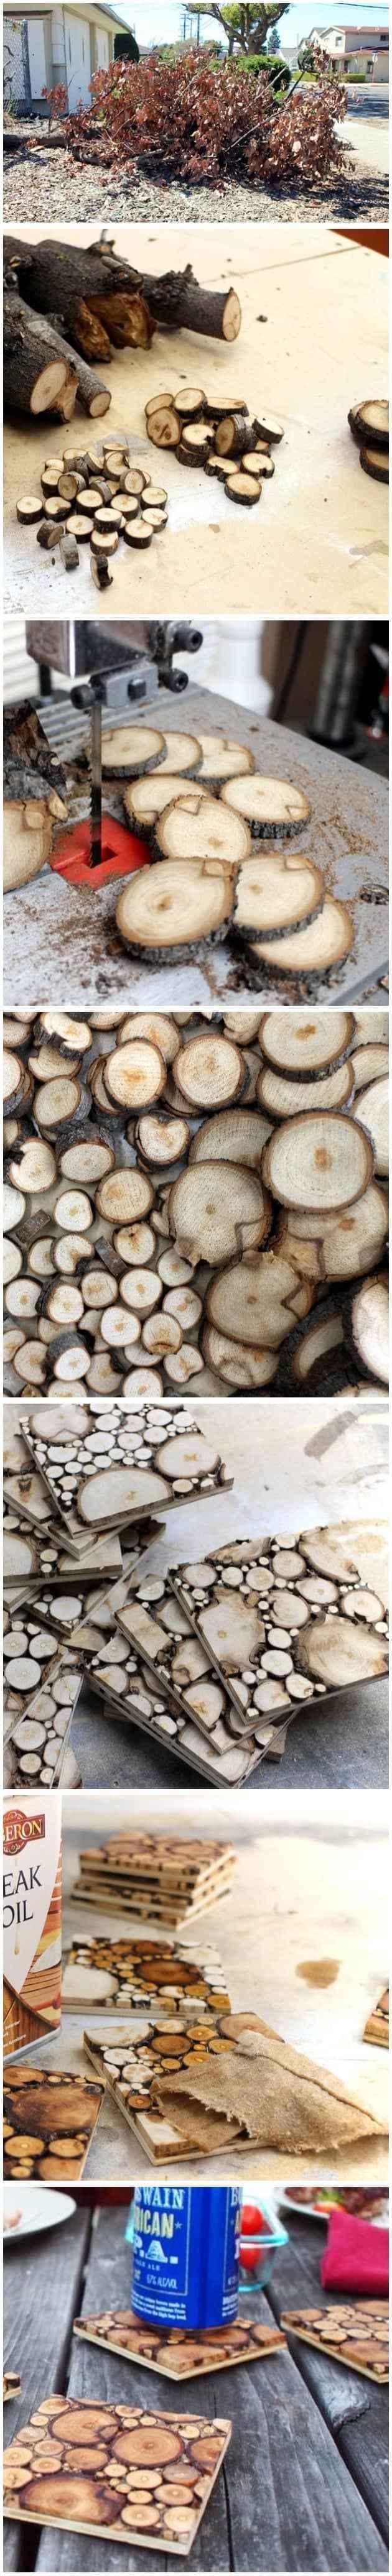 dilimlenmiş ağaç dallarıyla bardak altlığı